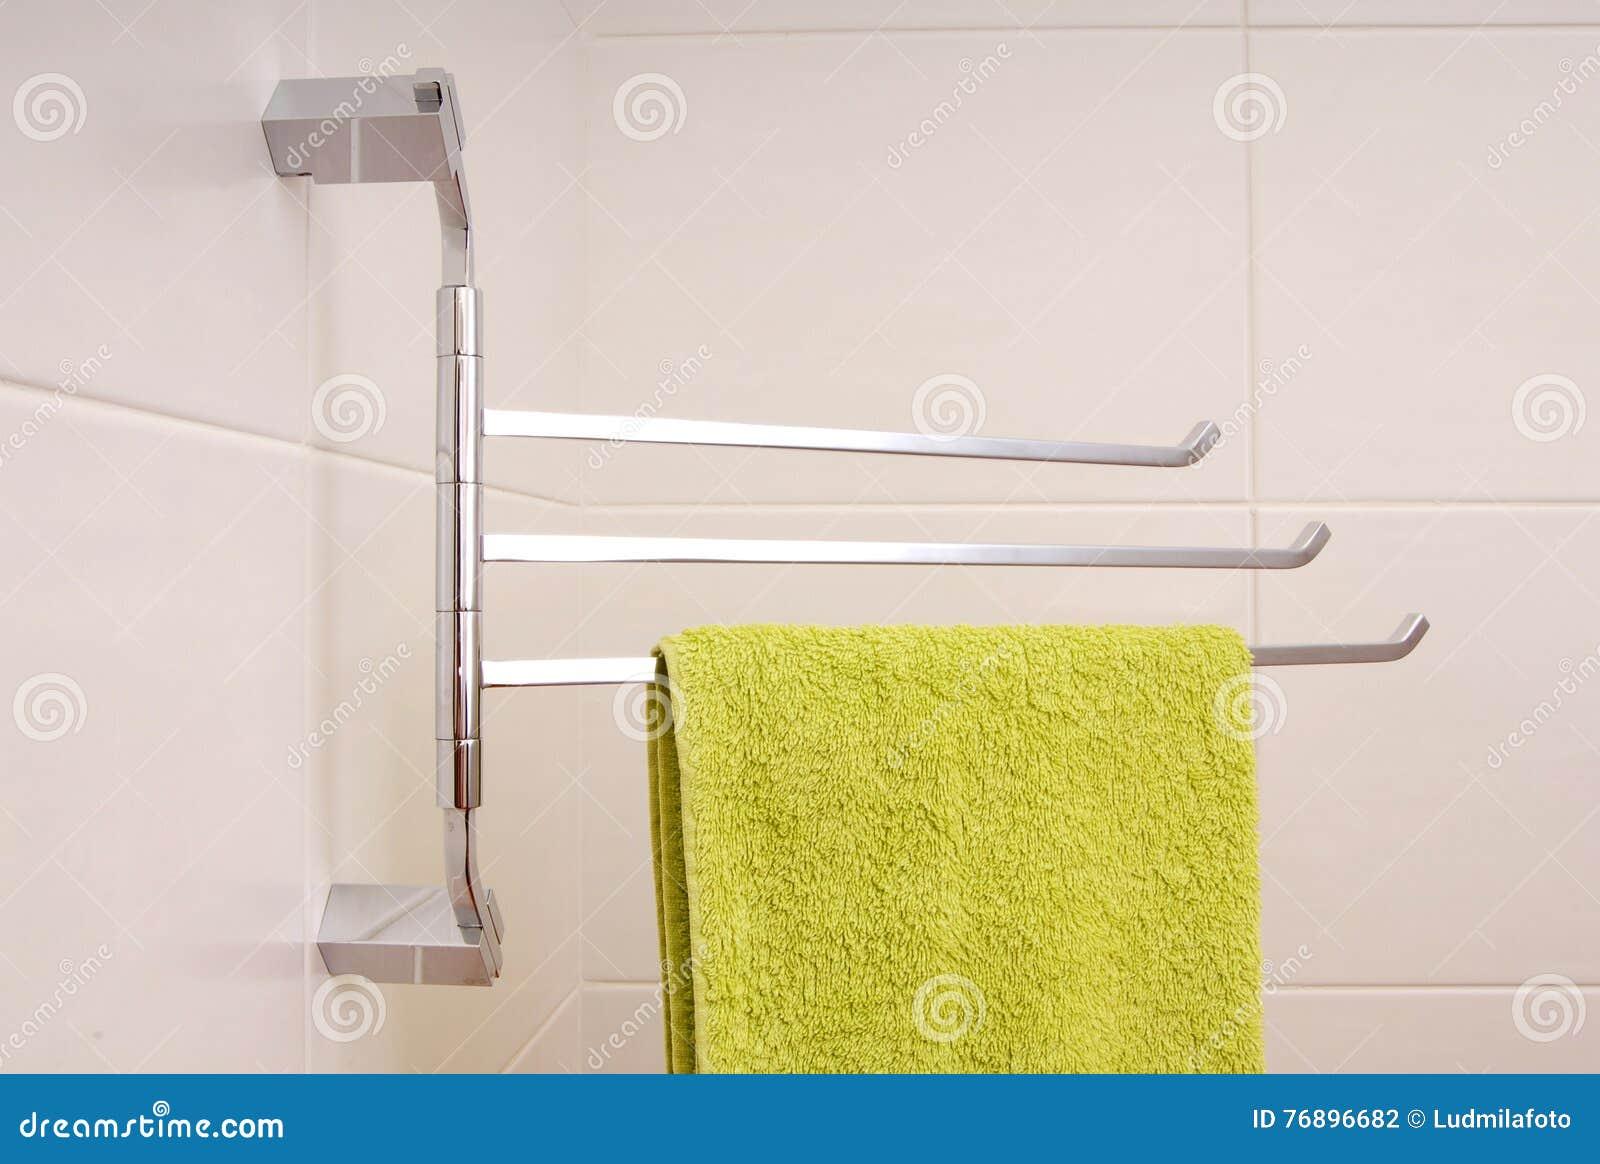 L asciugamano verde è sulla ferrovia di asciugamano